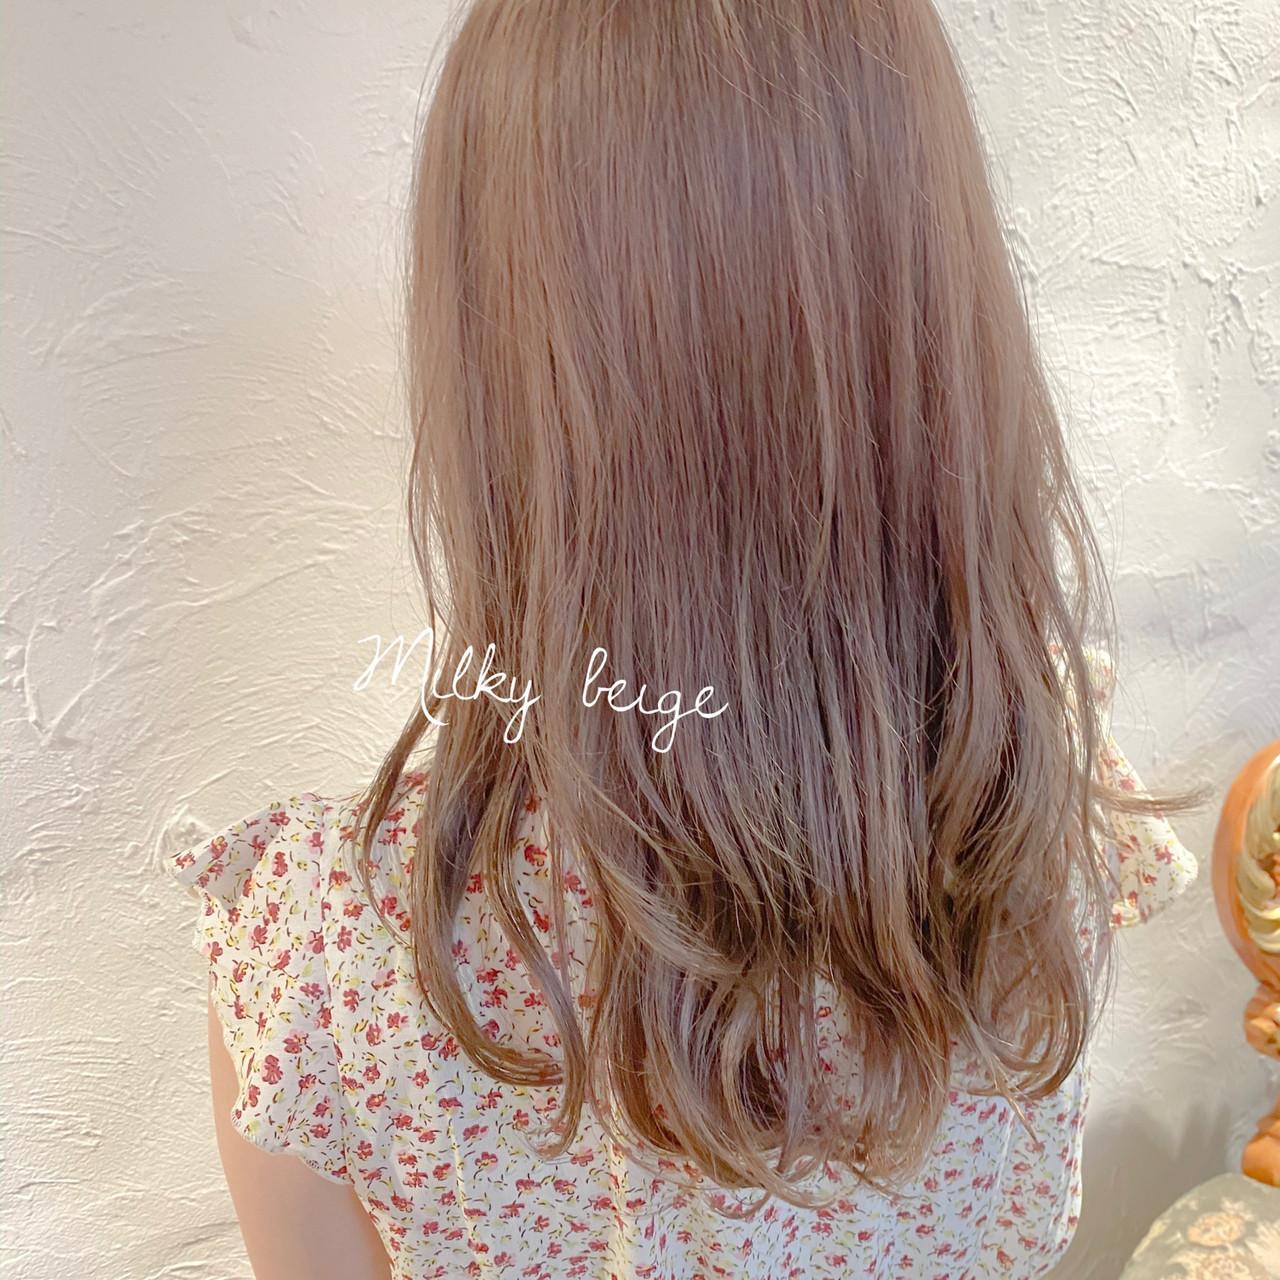 ミルクティー ナチュラル ロング ミルクティーグレージュ ヘアスタイルや髪型の写真・画像